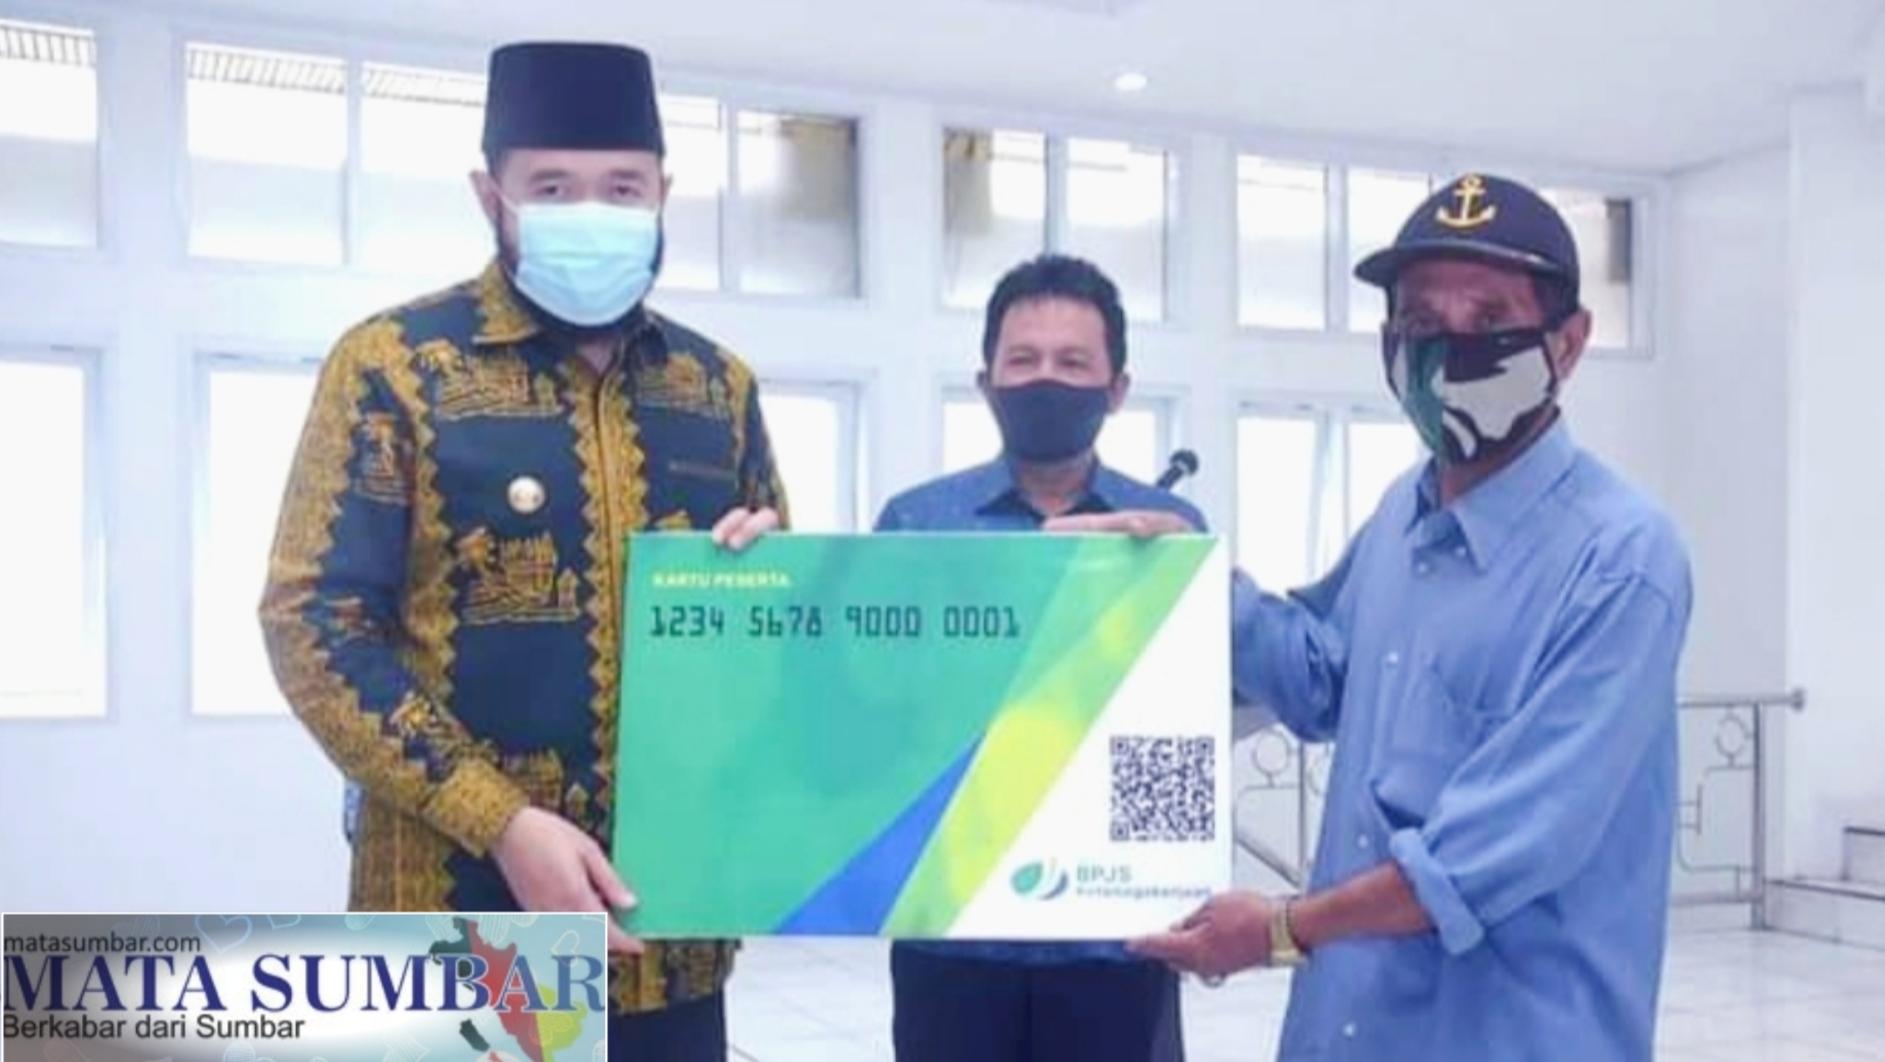 1500 Pekerja Sektor Informal di Padang Panjang Terima Kartu BPJS Ketenagakerjaan